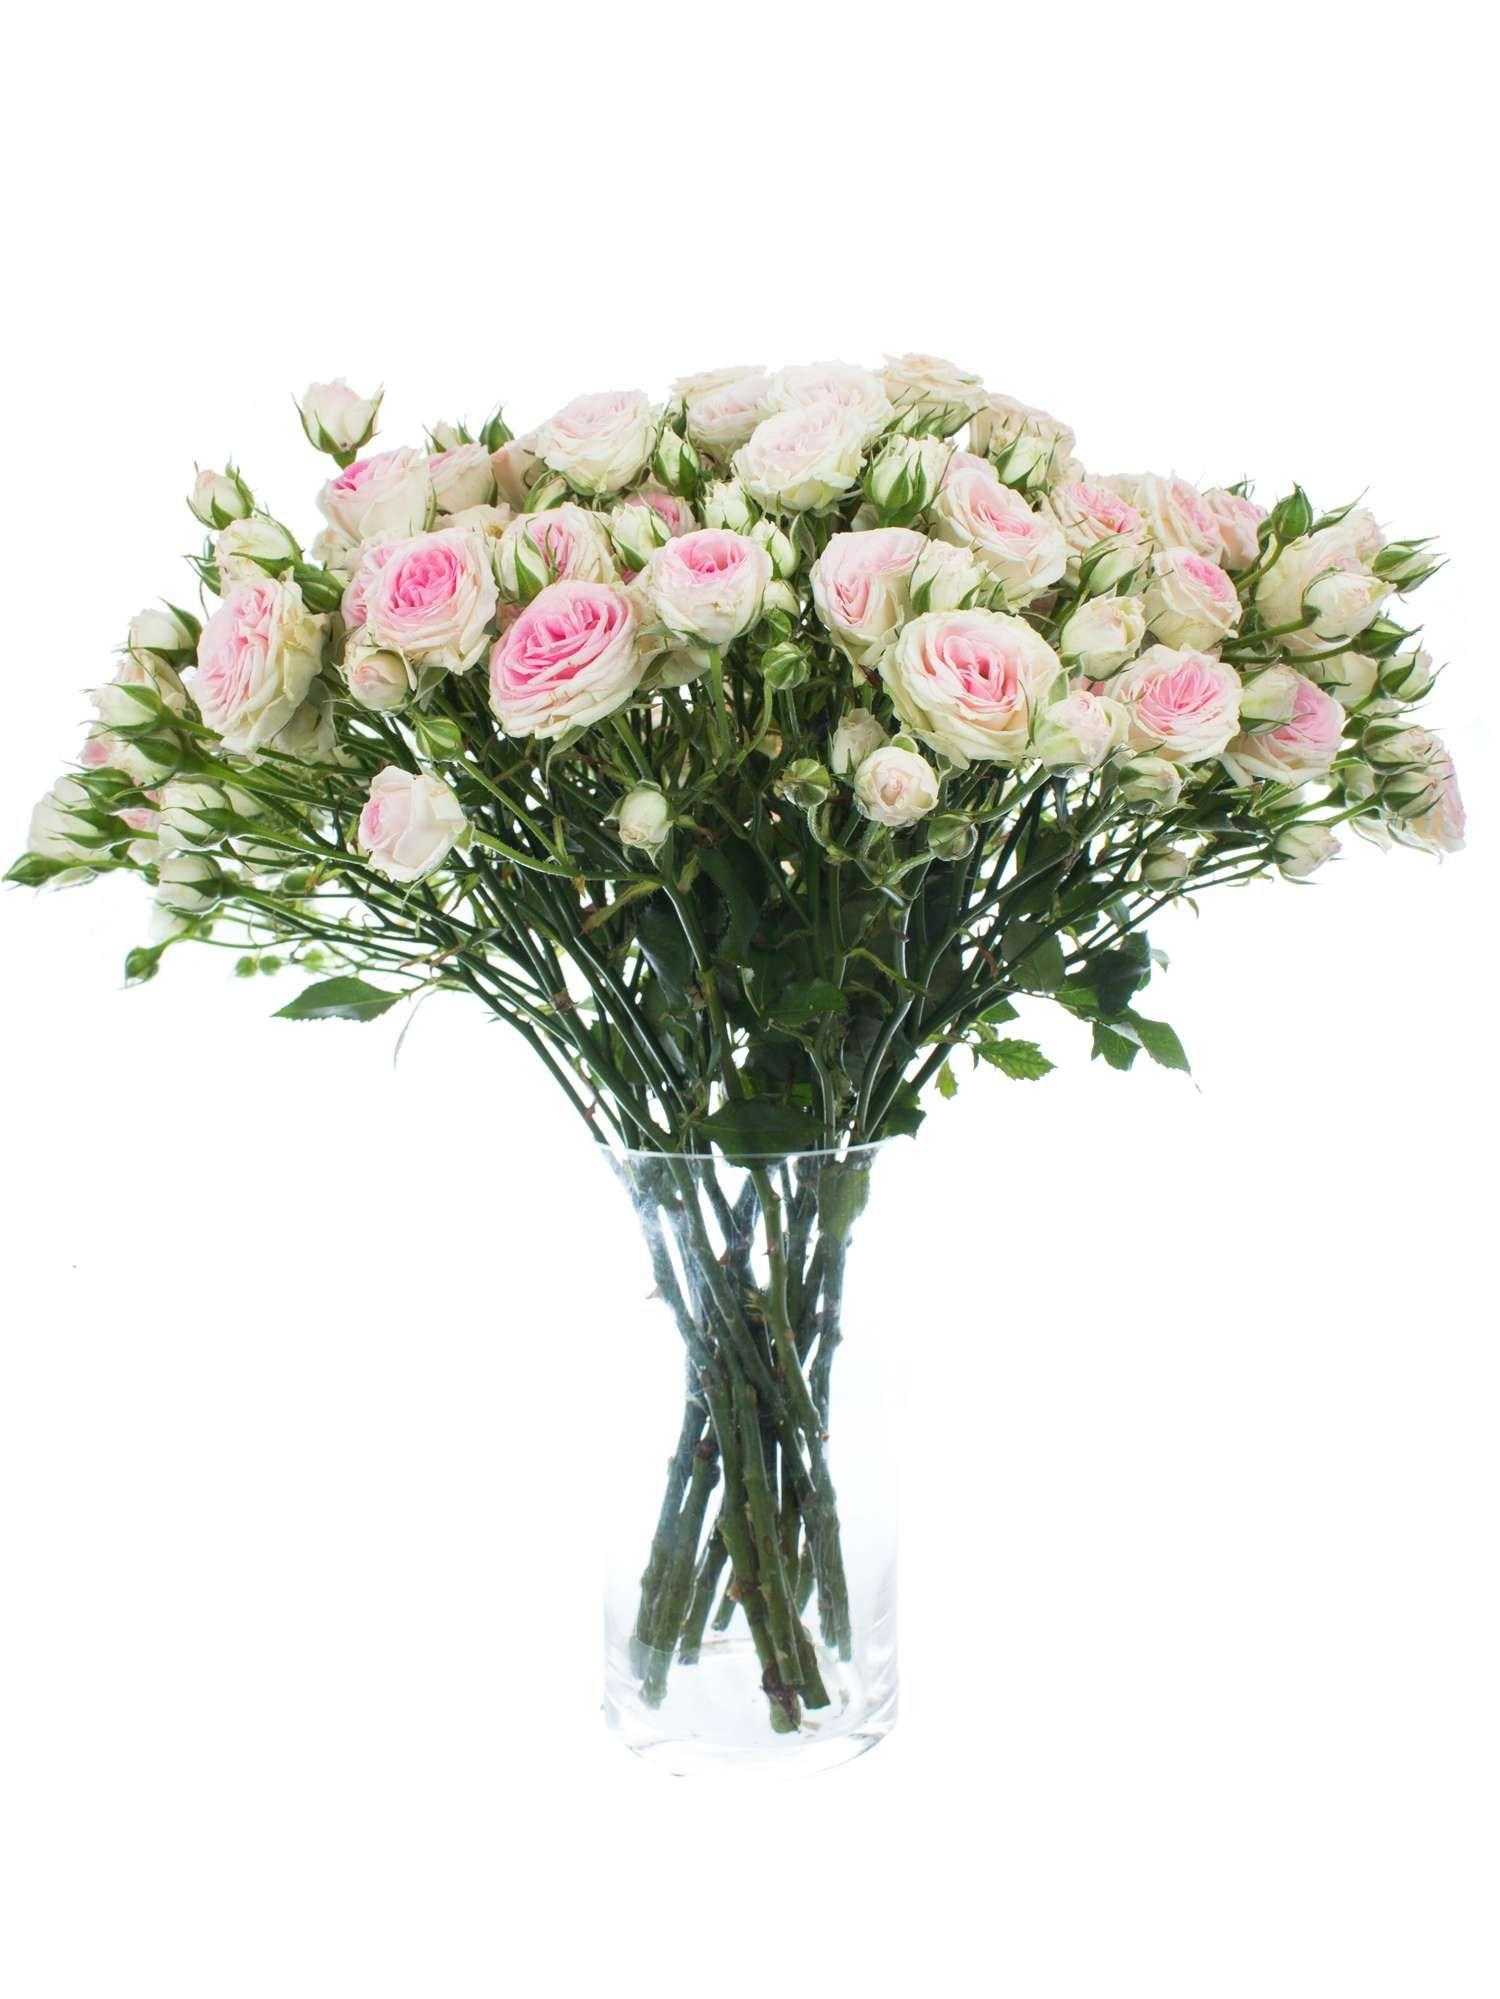 rosen verzweigt mimi eden rosa wei eine rose. Black Bedroom Furniture Sets. Home Design Ideas